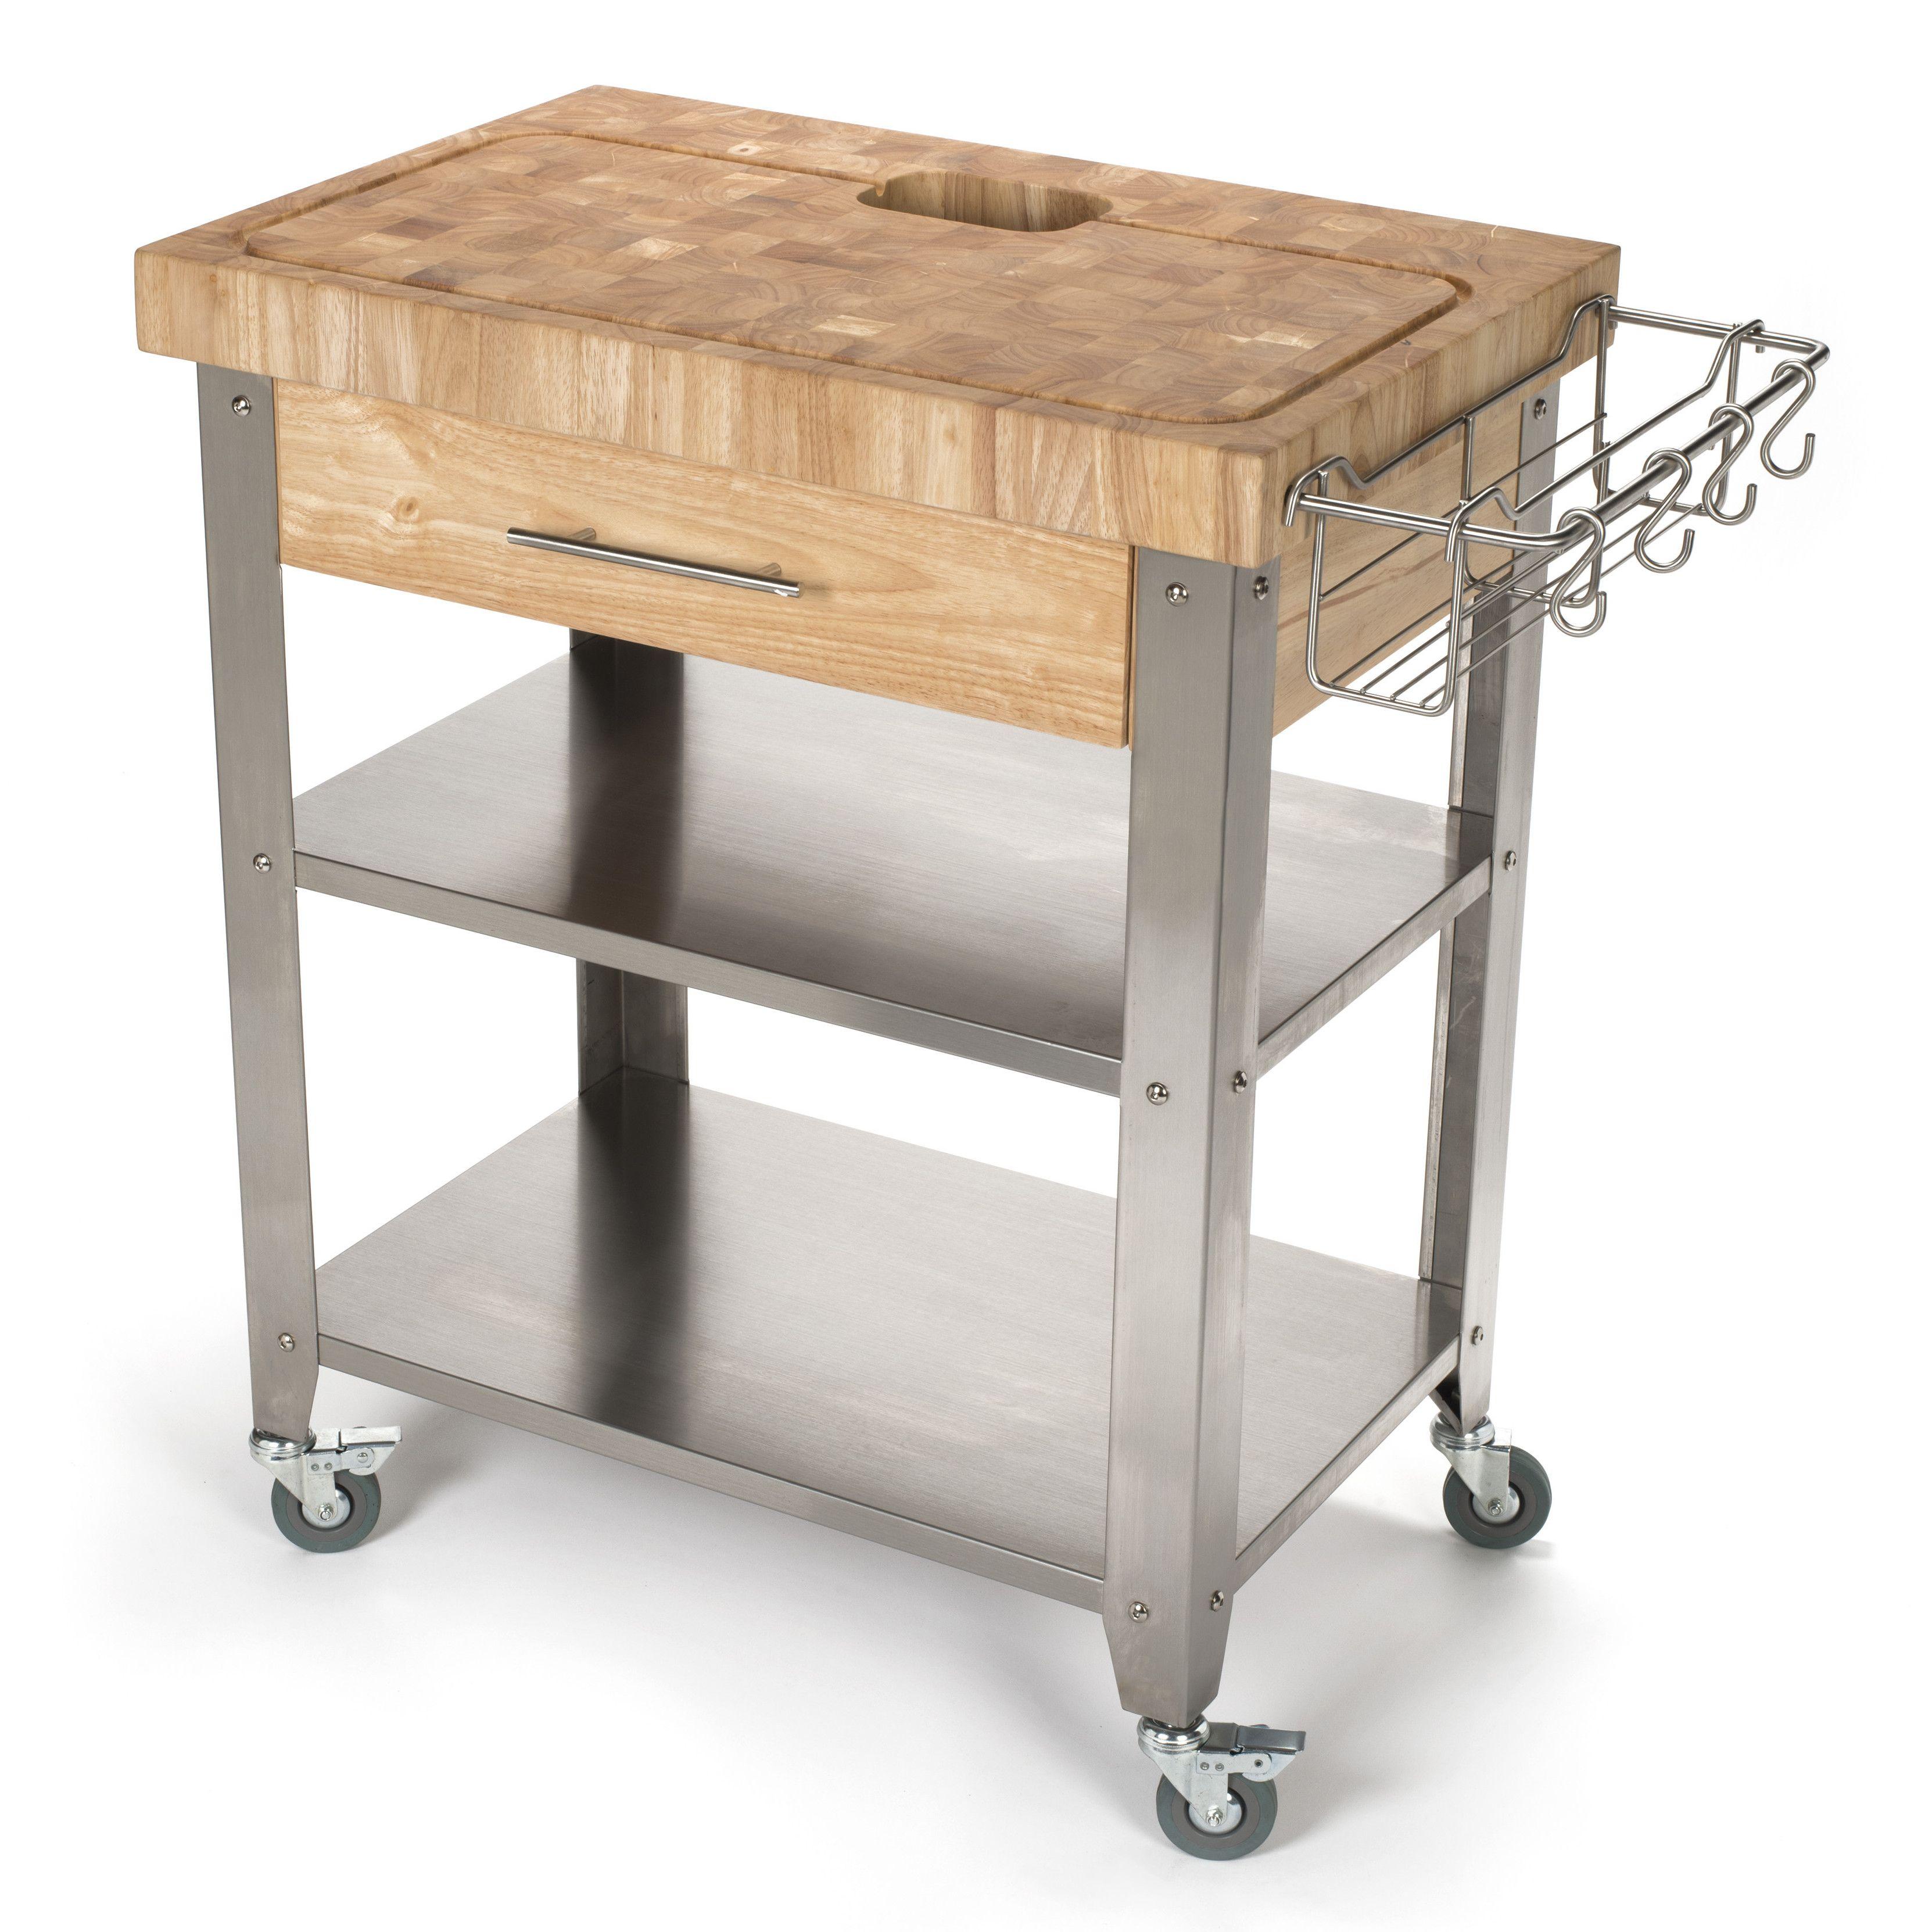 Captivating Chris U0026 Chris Pro Stadium Kitchen Cart With Butcher Block Top